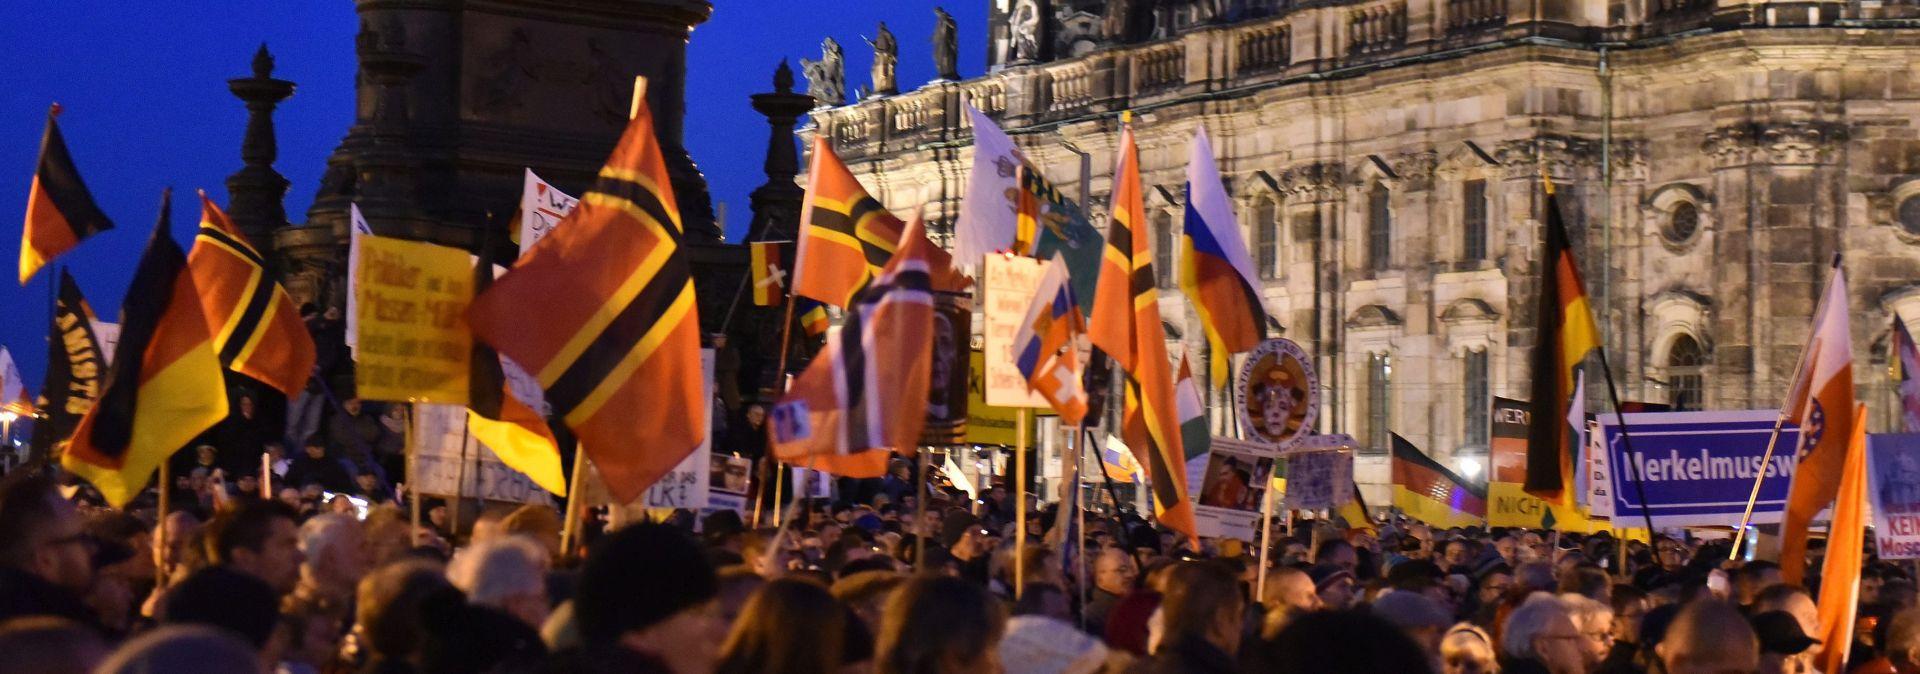 'IZVAN UPORABE' Pegida se ispričala zbog izjave o nacističkom logoru